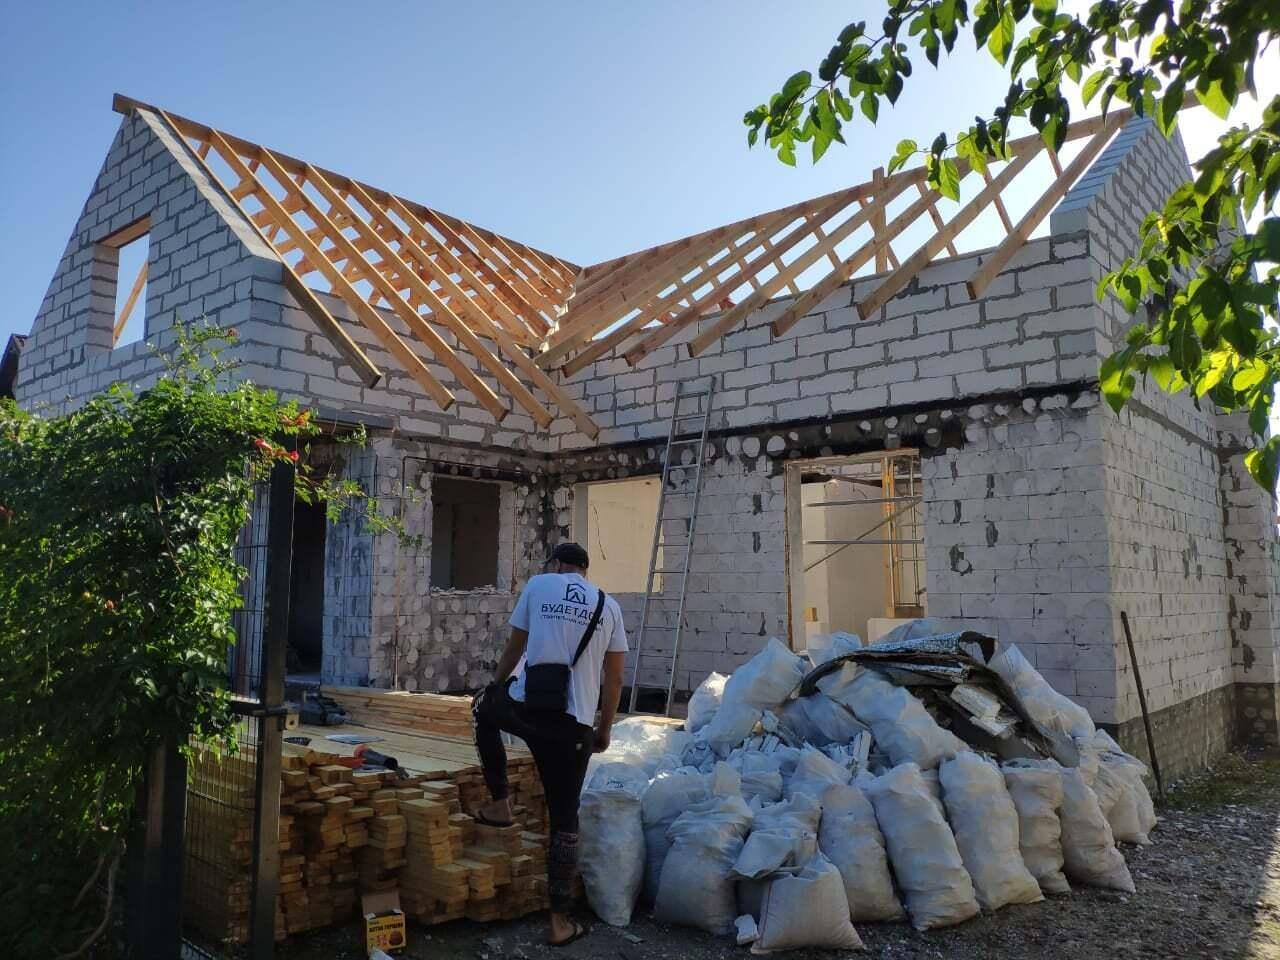 Активист восстанавливает сгоревший дом.